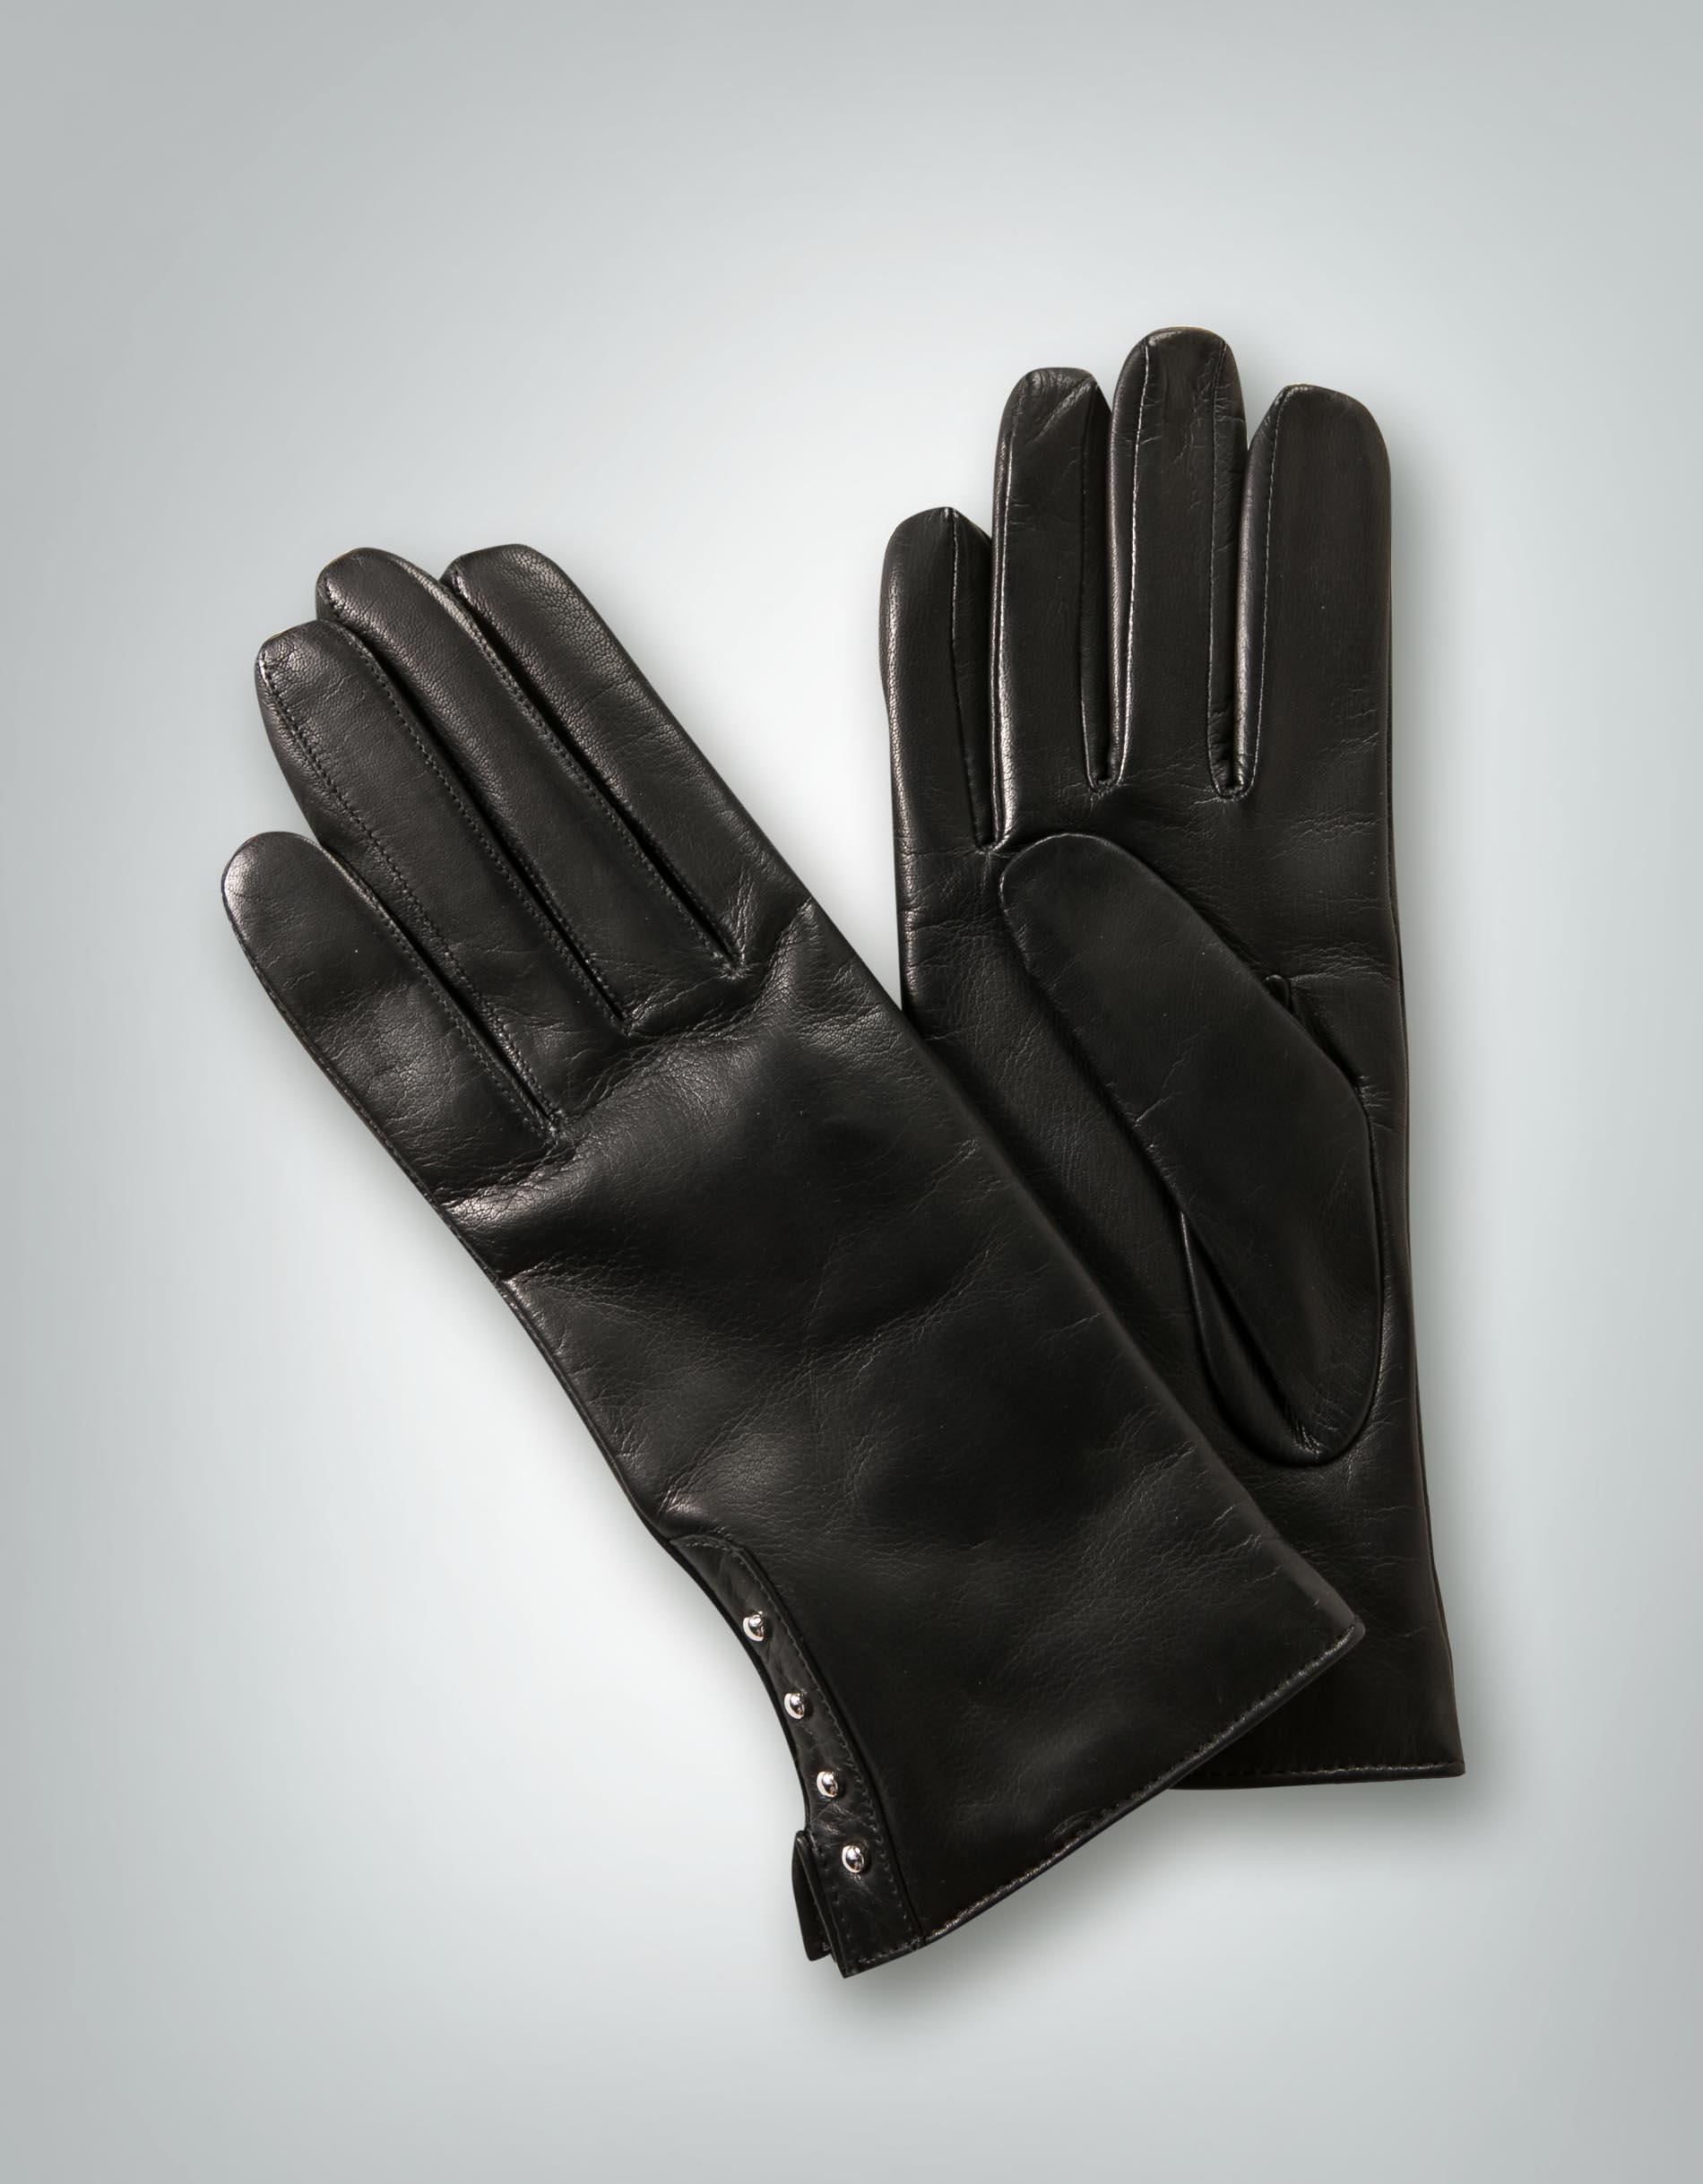 roeckl damen handschuhe mit nietenverzierung empfohlen von. Black Bedroom Furniture Sets. Home Design Ideas